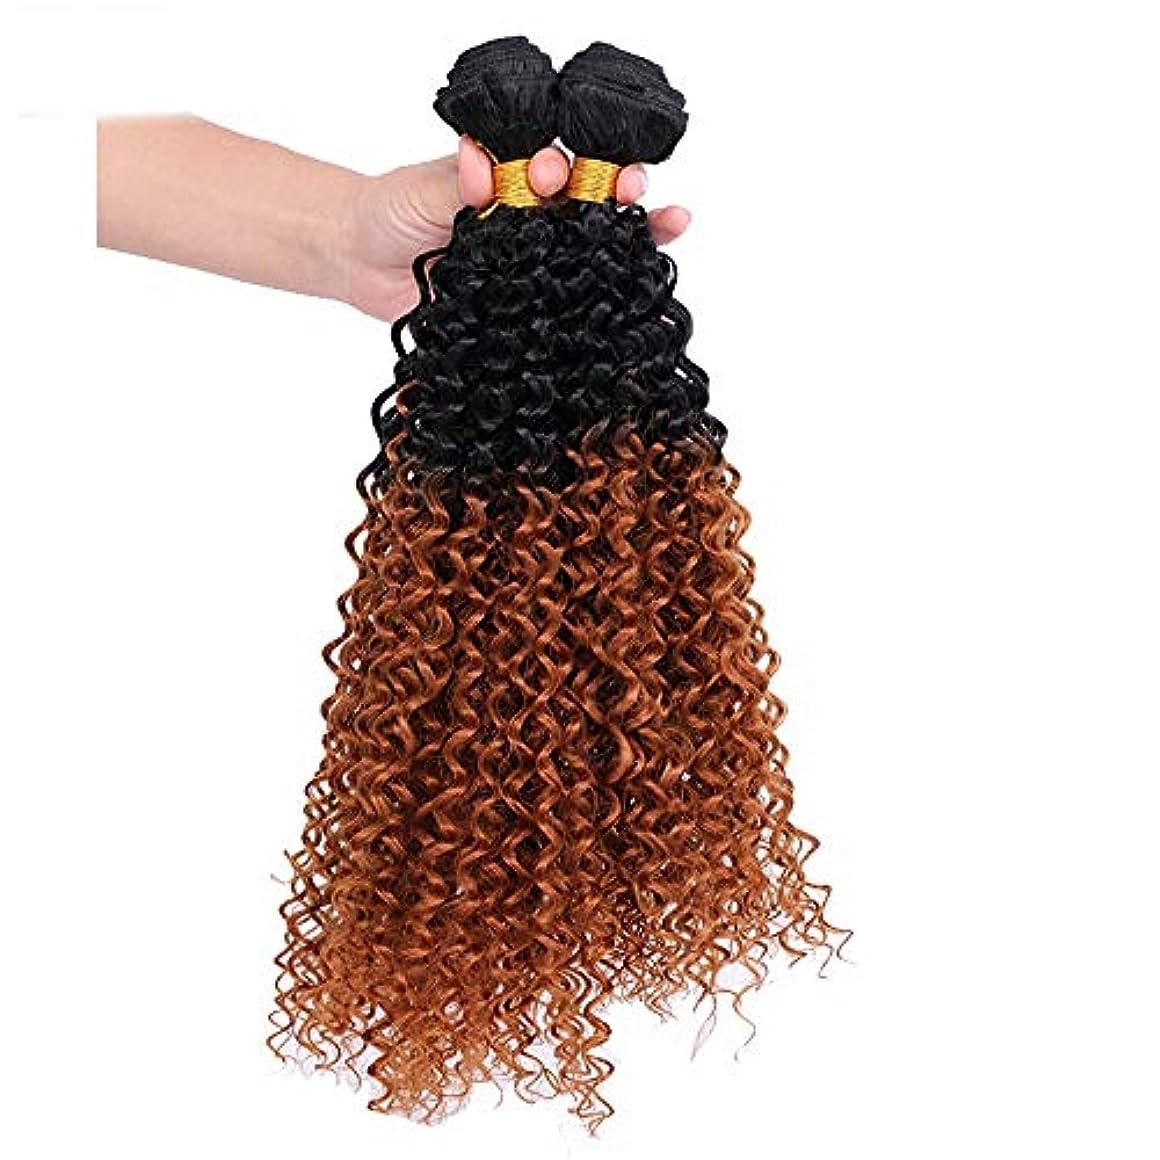 インサート刺します感嘆HOHYLLYA 茶色のグラデーション巻き毛の女性のためのコスプレパーティードレス(3バンドル)合成髪レースかつらロールプレイングかつらロングとショートの女性自然 (色 : ブラウン, サイズ : 24inch)